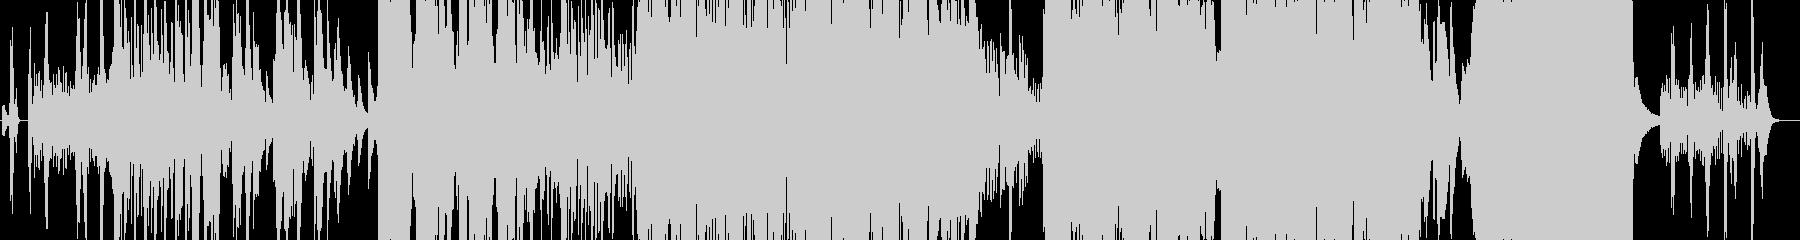 賛美歌グリーンスリーブスの壮大なカバー曲の未再生の波形